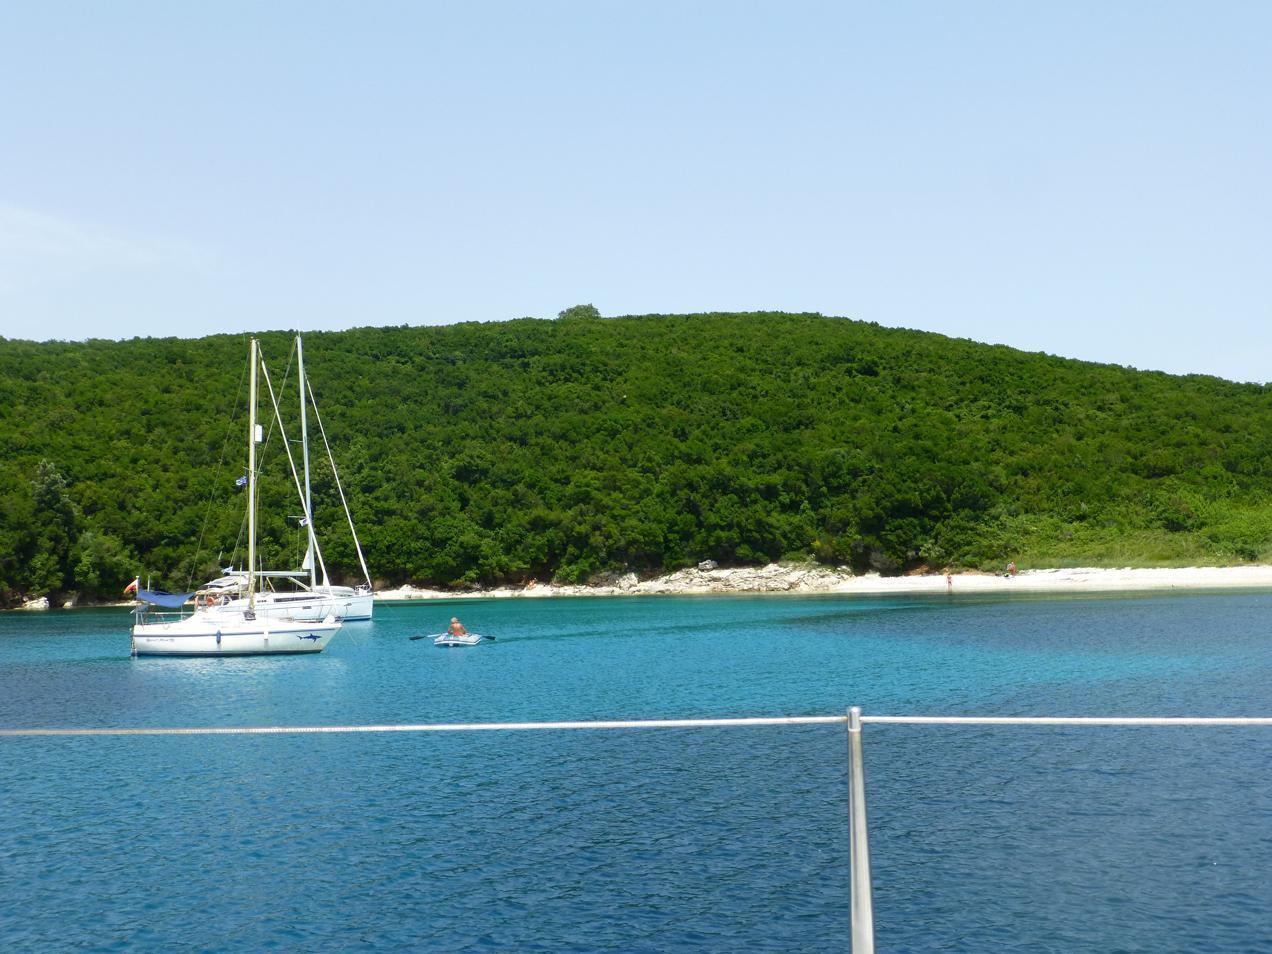 הפלגה ליוון עם דרך הים - קורפו והסביבה